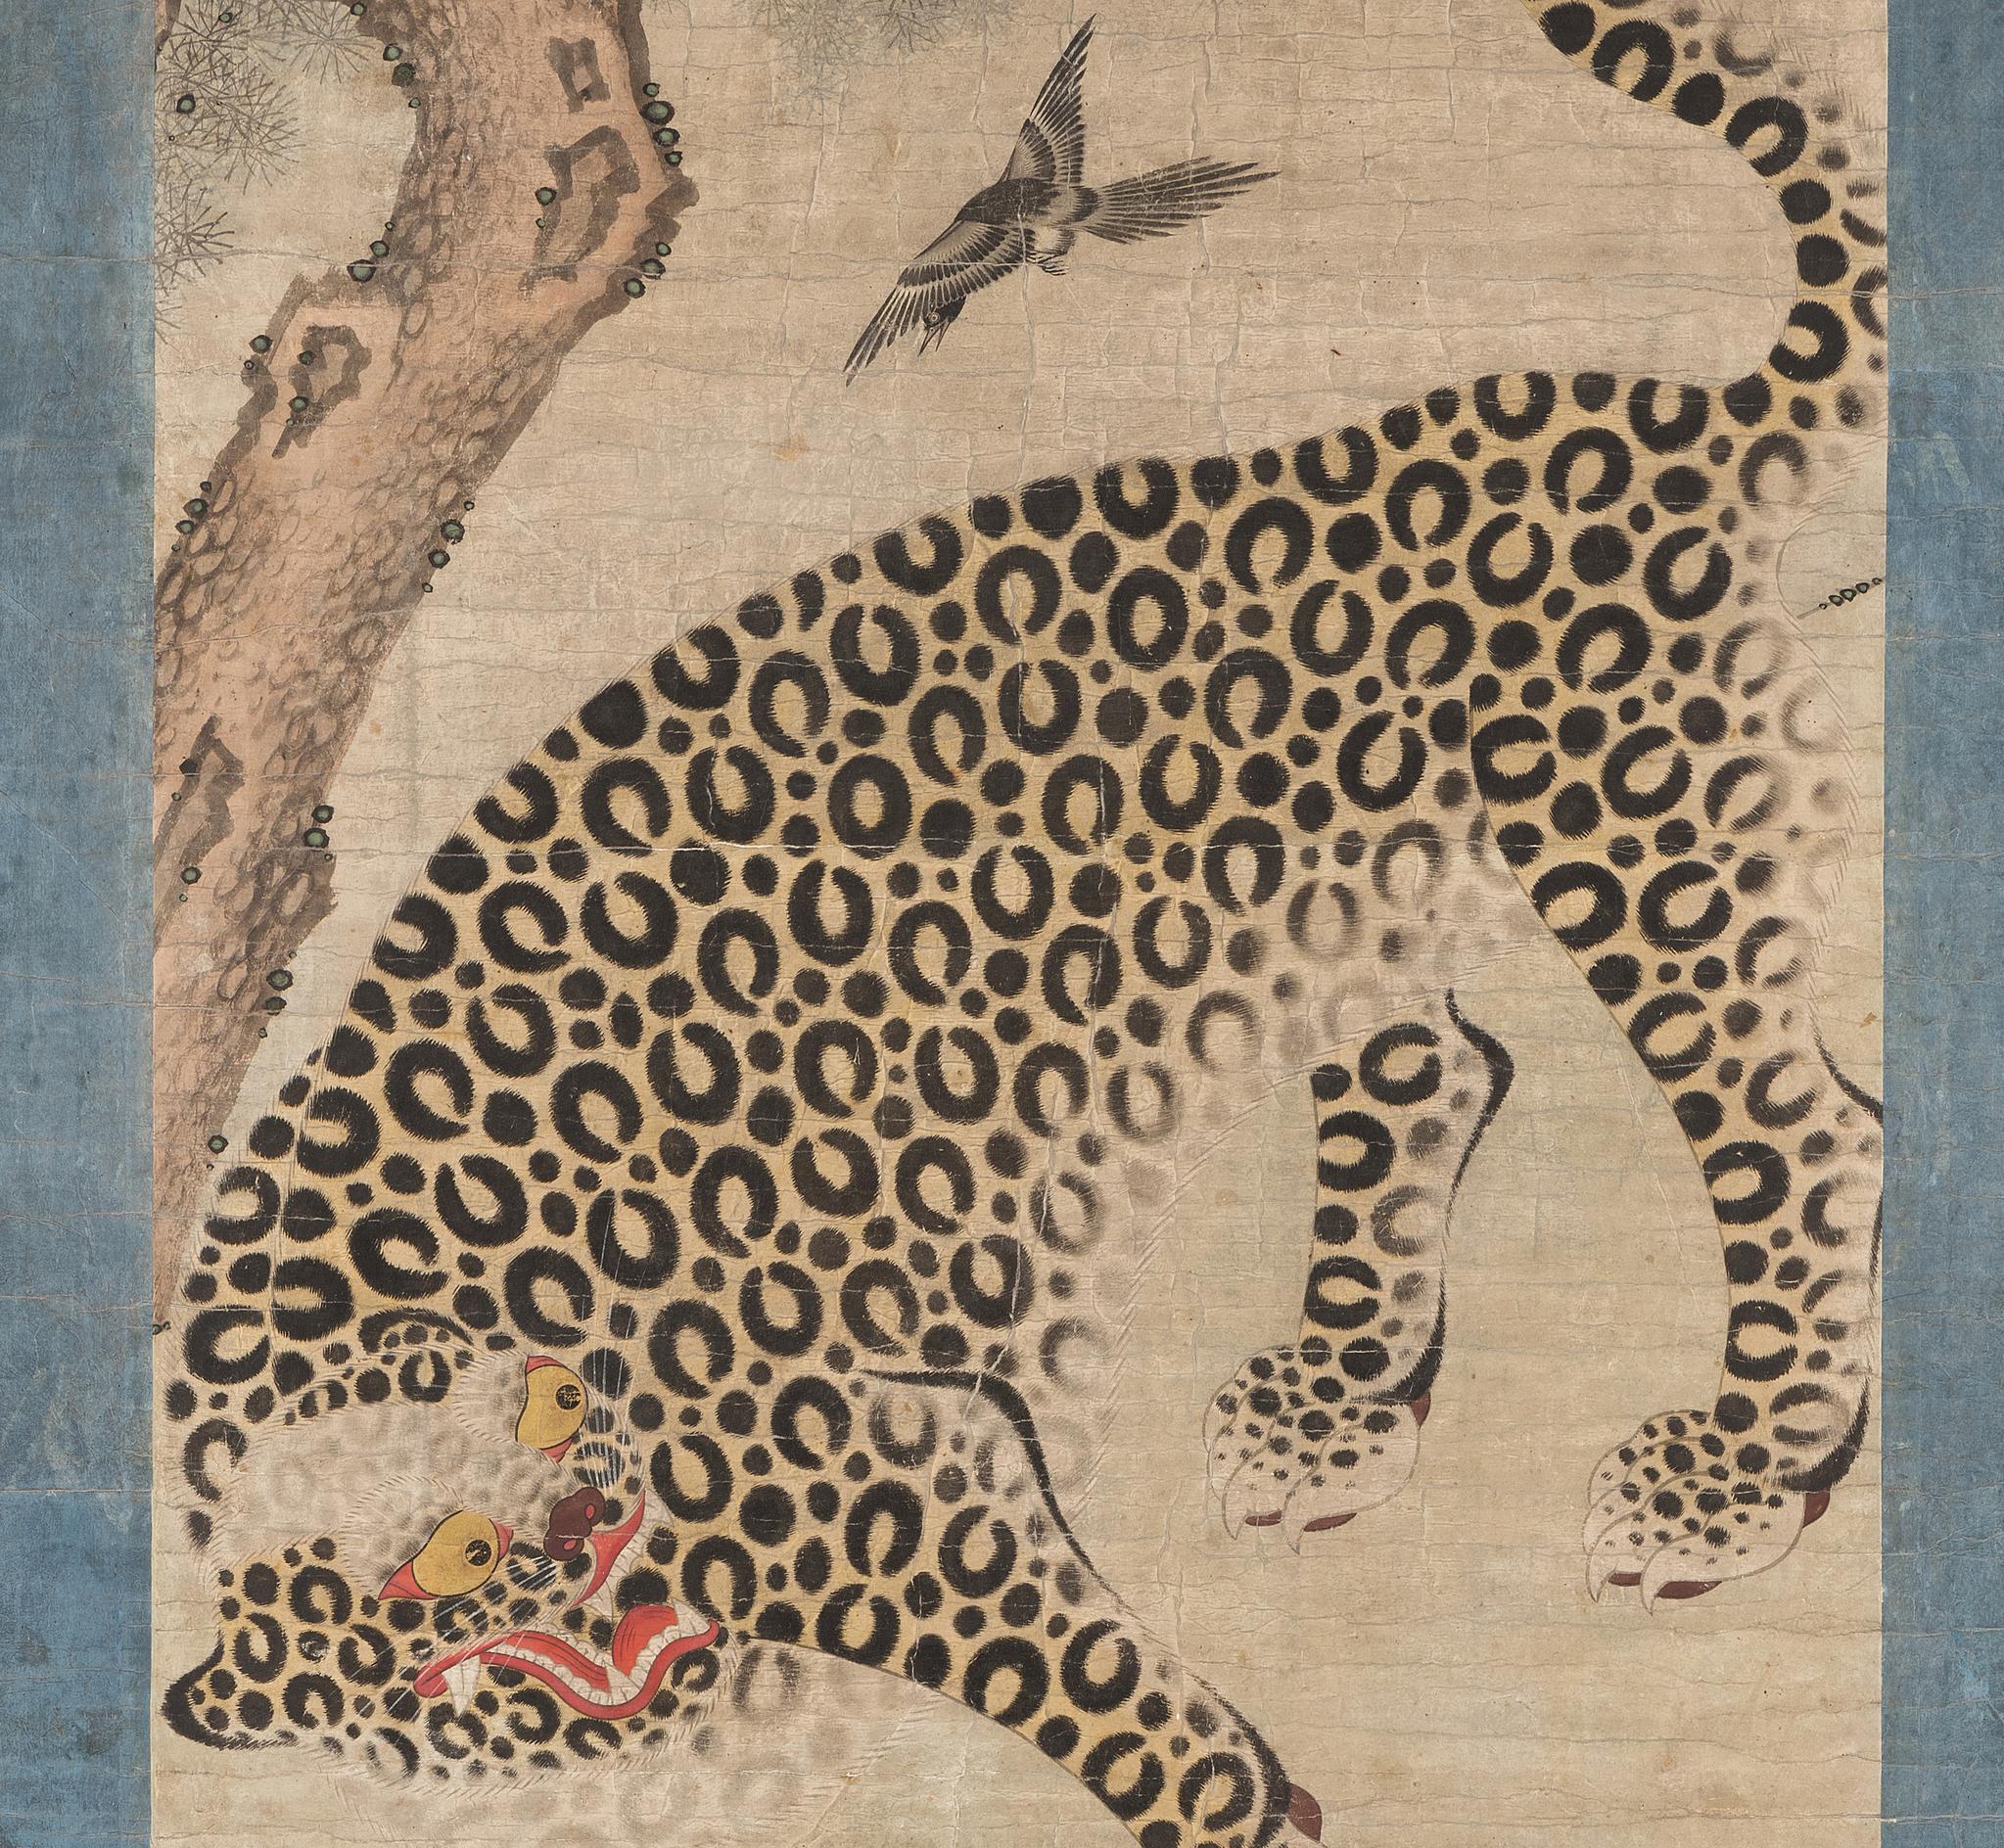 표작도 부분(스웨덴 동아시아박물관)                                   [사진 문화재청]